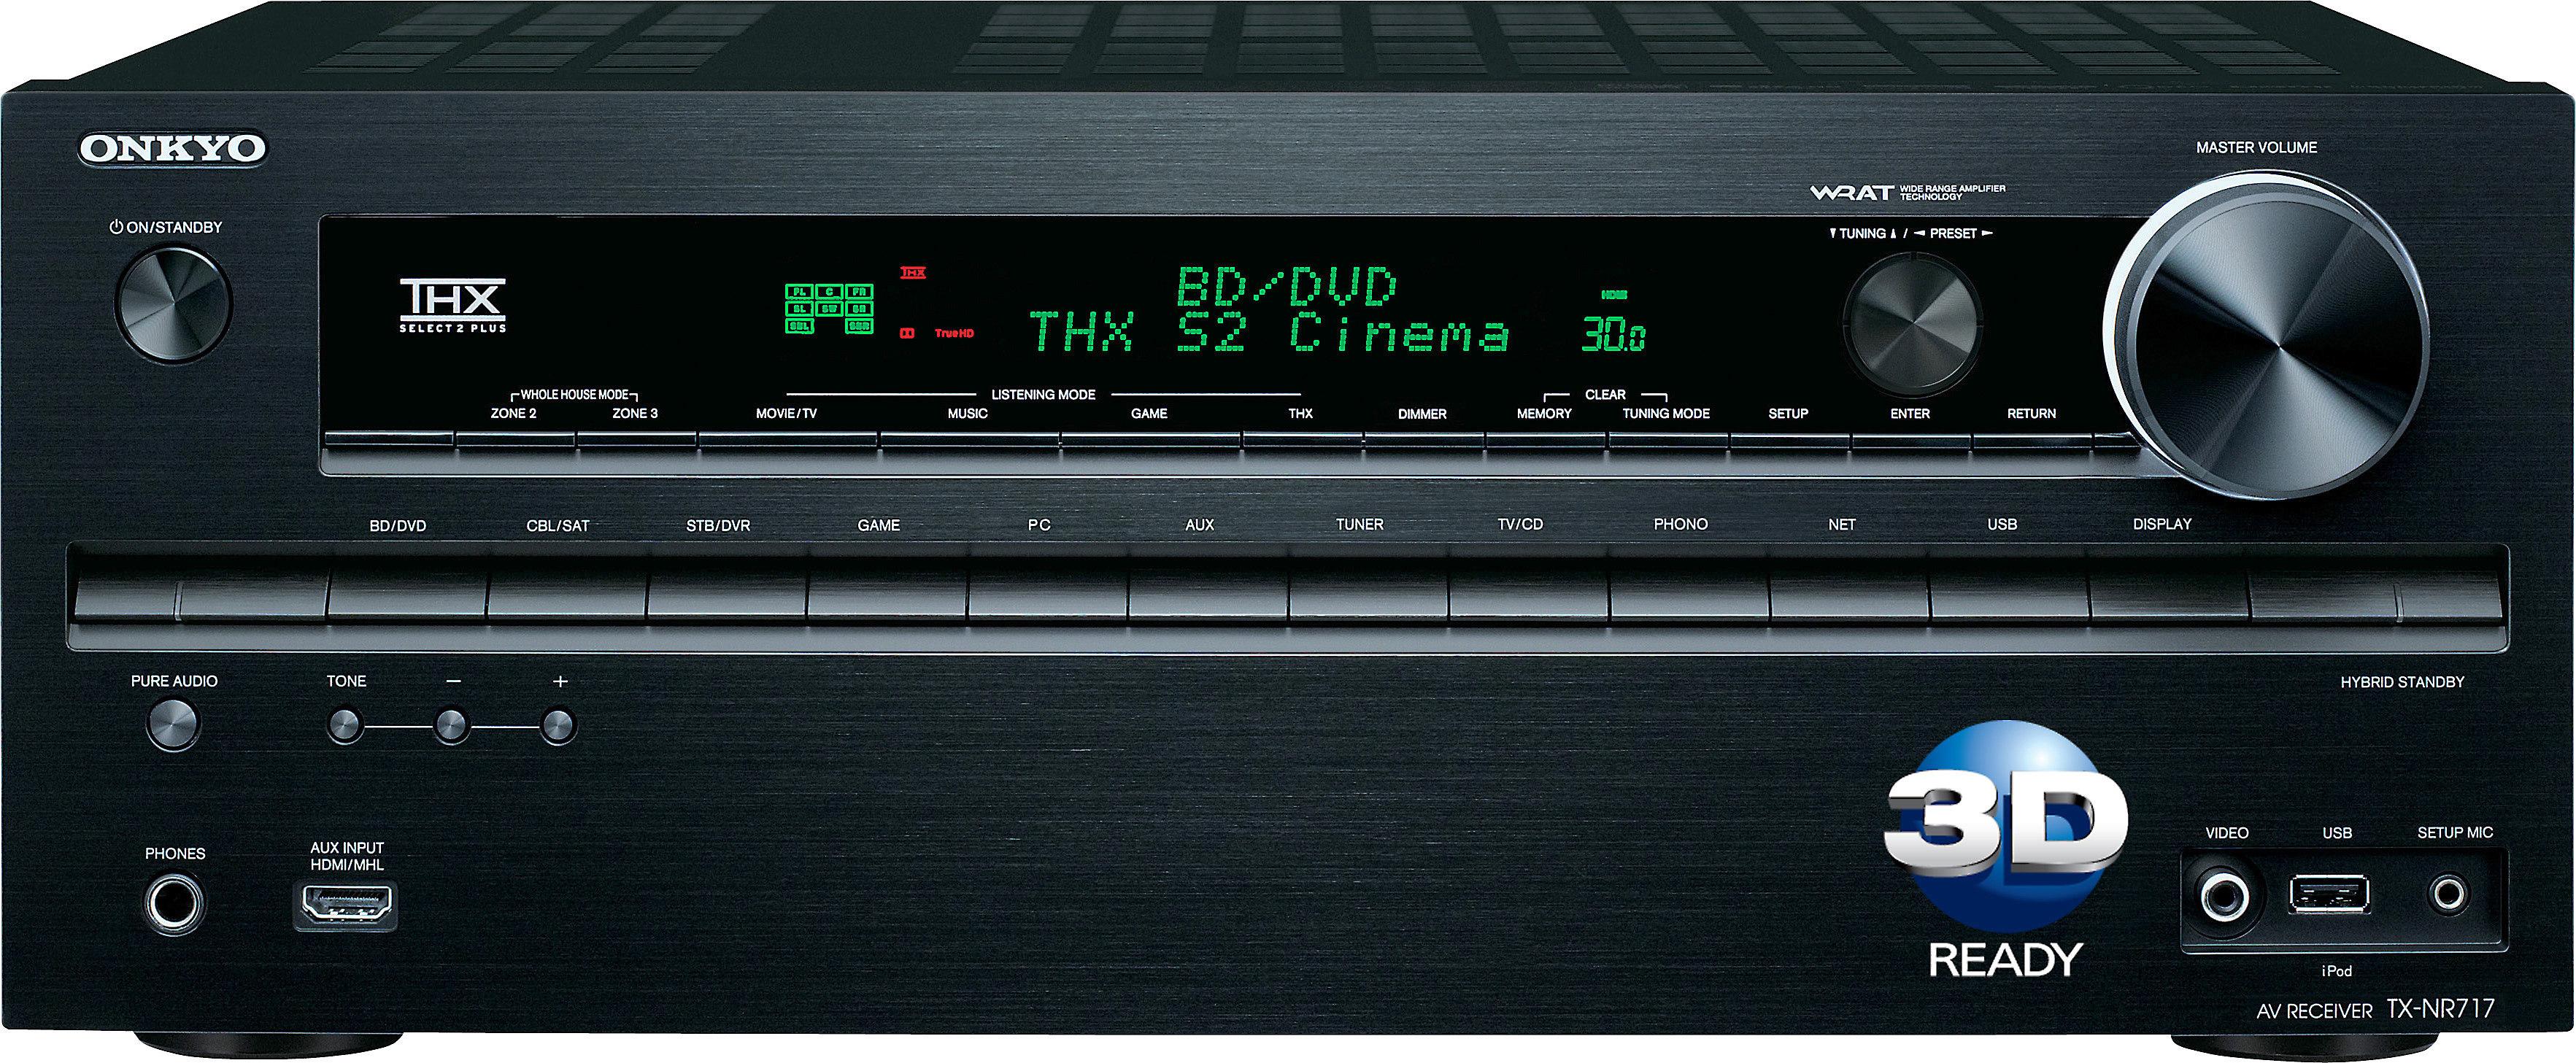 Onkyo TX-NR717